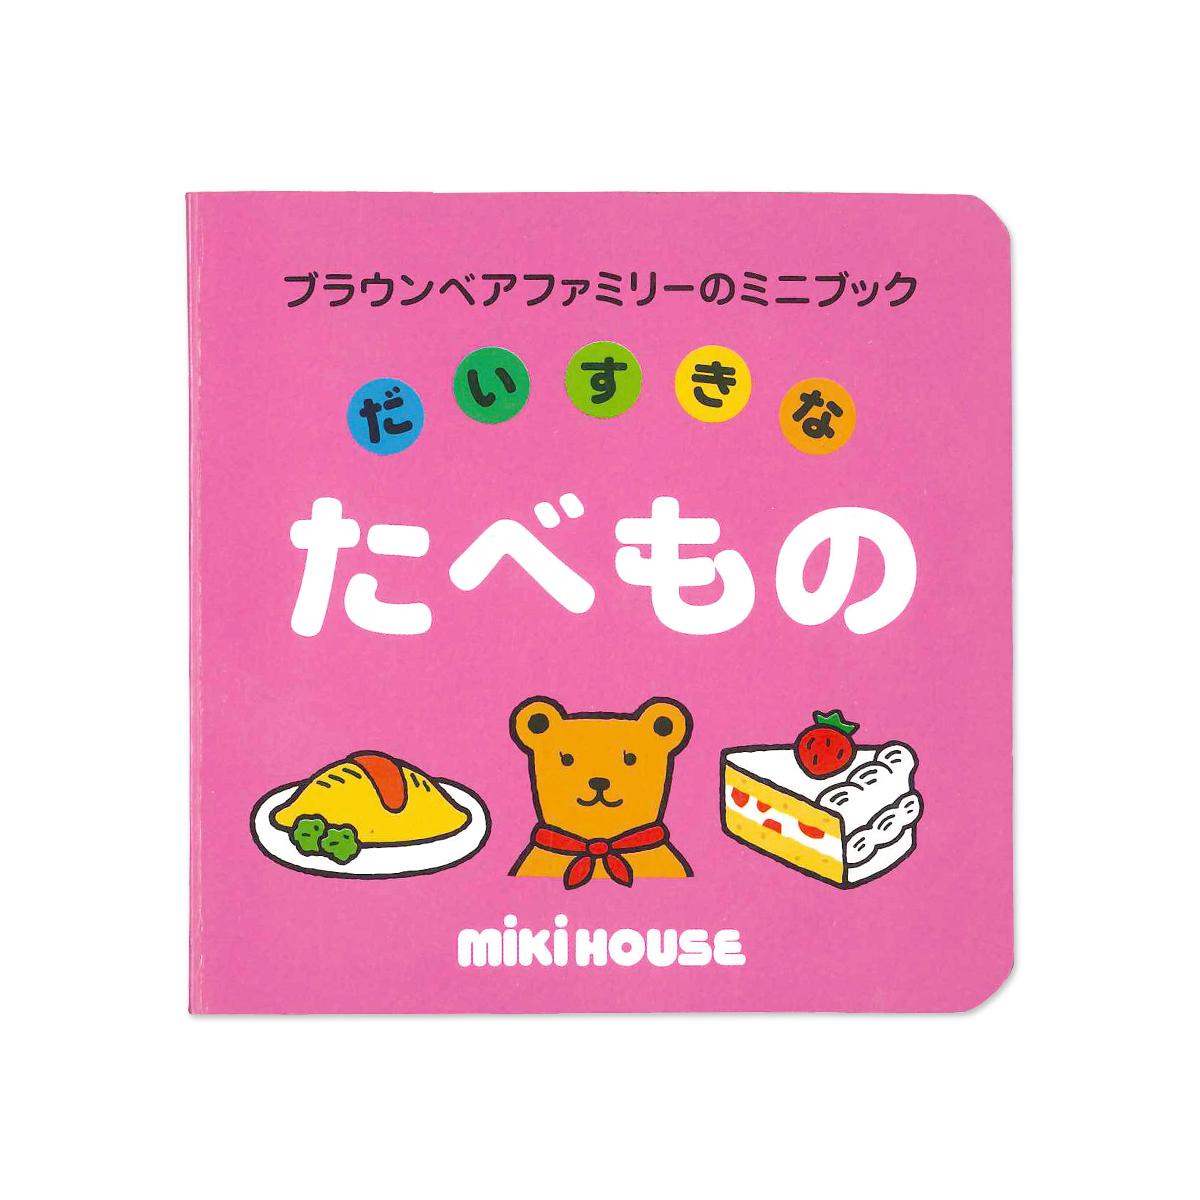 ブラウンベアファミリーのミニブックシリーズ ブラウンベアファミリーのミニブック 5 だいすきなたべもの ☆ ☆MIKIHOUSE ミキハウス 出荷 10P03Dec16 爆安プライス